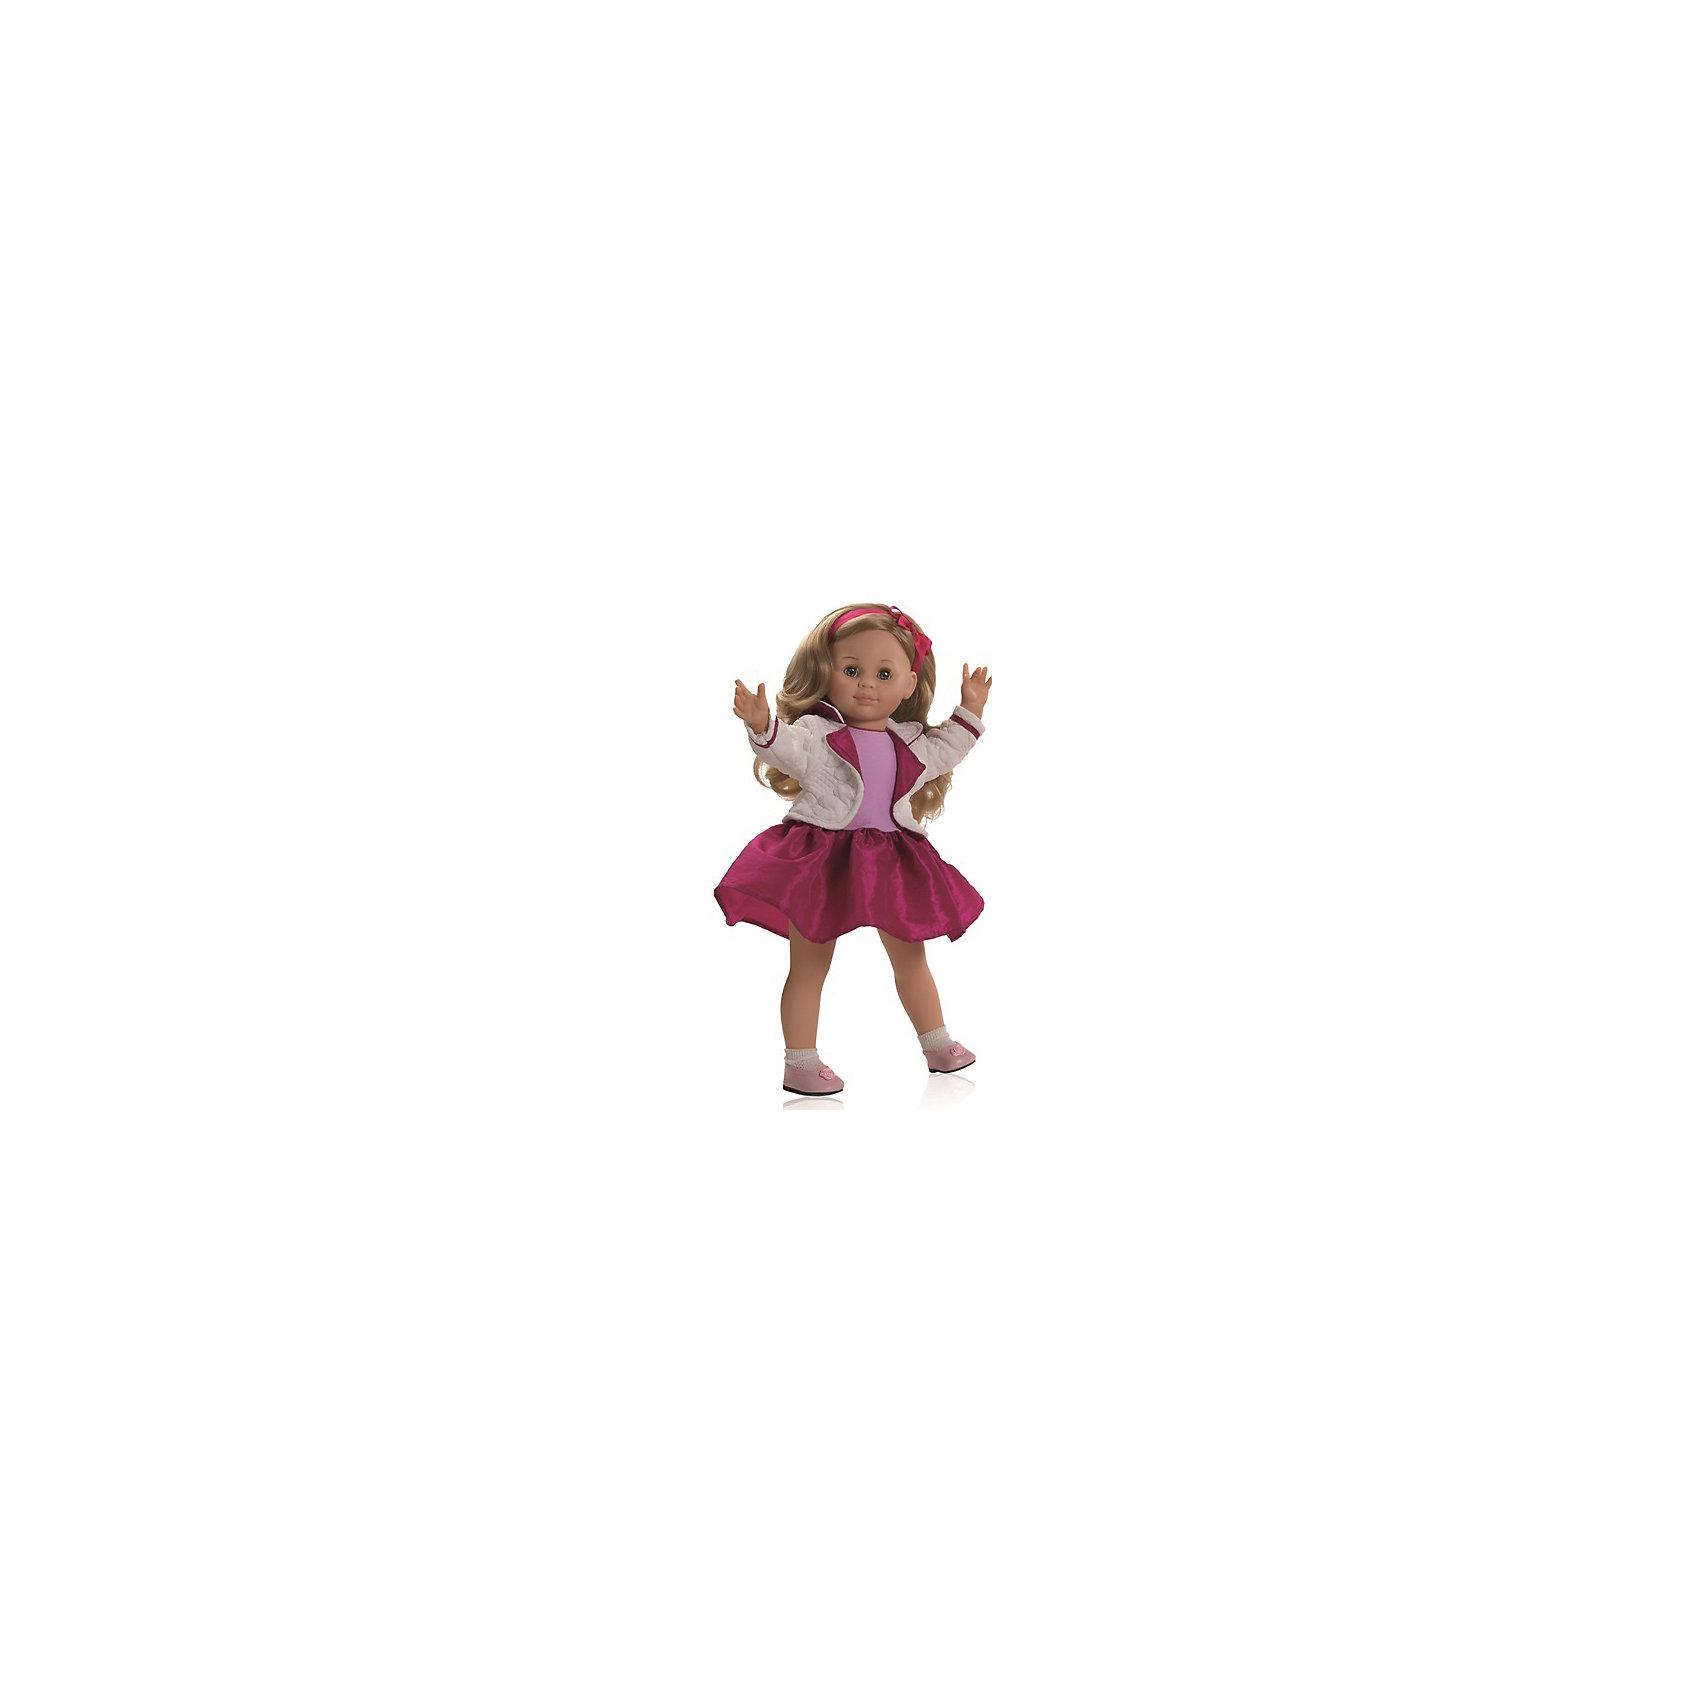 Кукла Иза, 47 см, Paola ReinaБренды кукол<br>Эта очаровательная куколка приведет в восторг любую девочку! Кукла имеет мягконабивное тело и скелетный каркас, благодаря этому у нее вращаются руки и ноги (вдоль тела и на 360 градусов). Тело куклы может немного сгибаться в талии. Очаровательная Иза так похожа на маленькую озорную девочку! Она одета в розовое платье с пышной юбкой и модный бело-розовый жакет. На ногах куколки белые носочки и маленькие туфельки. Белокурые волосы куколки так приятно расчесывать, создавая всевозможные прически. Куклы Паола Рейна имеют нежный ванильный аромат, одеты в модную одежду с аксессуарами. Выразительная мимика, уникальный и неповторимый дизайн лица и тела делают эти игрушки запоминающимися и уникальными. Куклы изготовлены из высококачественных нетоксичных материалов, абсолютно безопасны для детей. <br><br>Дополнительная информация:<br><br>- Материалы: кукла изготовлена из винила и текстиля; глаза выполнены в виде кристалла из прозрачного твердого пластика; волосы сделаны из высококачественного нейлона, одежда - текстиль.<br>- Размер: 47 см.<br>- Комплектация: кукла в одежде и обуви. <br>- Голова, ручки, ножки куклы подвижные.<br>- Мягконабивное тело.<br>- Нельзя мыть.<br>- Глаза закрываются.<br><br>Куклу Изу 47 см, Paola Reina (Паола Рейна), можно купить в нашем магазине.<br><br>Ширина мм: 290<br>Глубина мм: 155<br>Высота мм: 540<br>Вес г: 1500<br>Возраст от месяцев: 36<br>Возраст до месяцев: 144<br>Пол: Женский<br>Возраст: Детский<br>SKU: 4420322